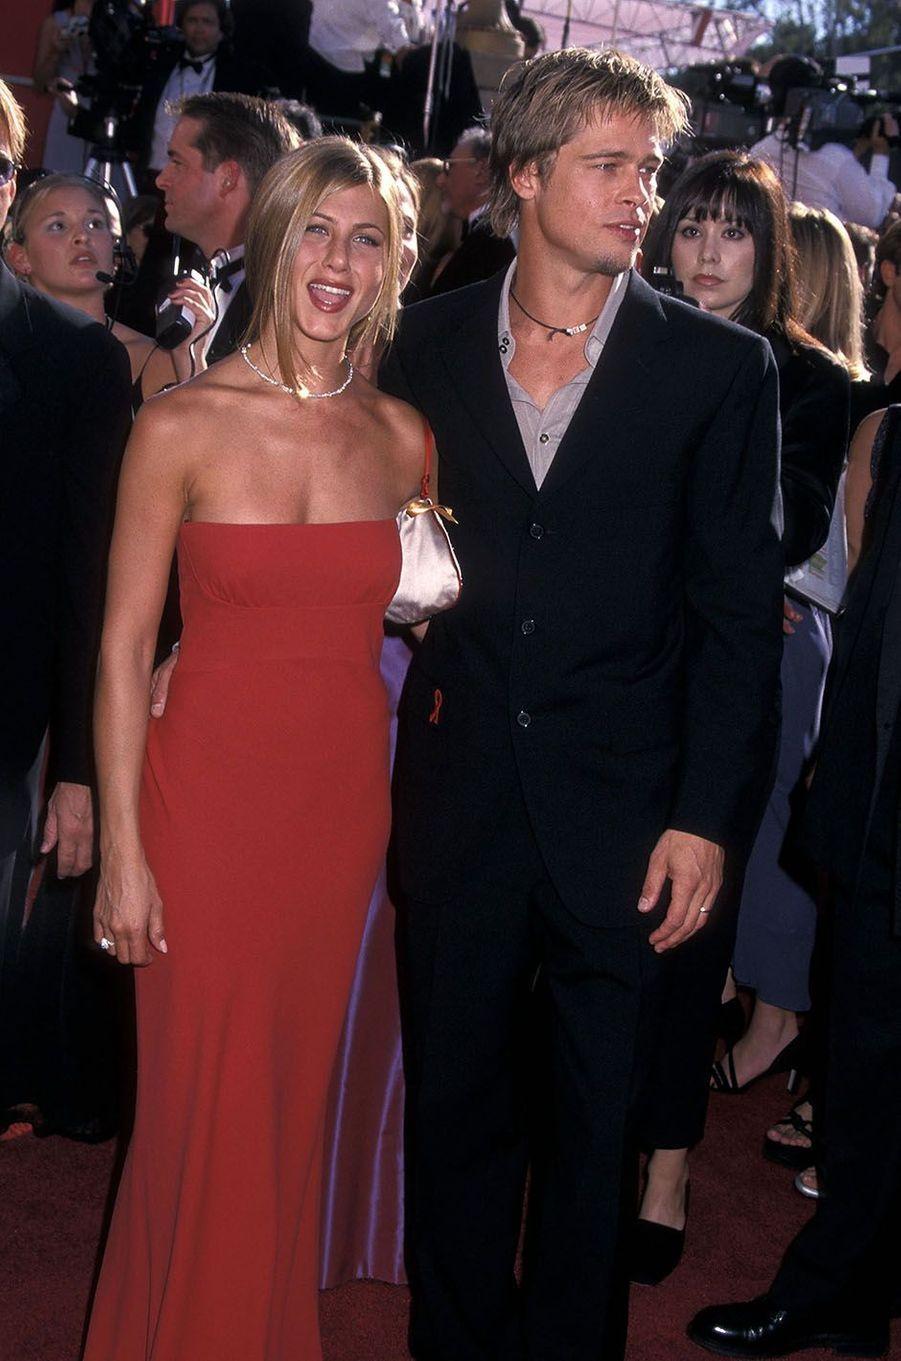 Brad Pitt et Jennifer Aniston, un couple mythique du début des années 2000.